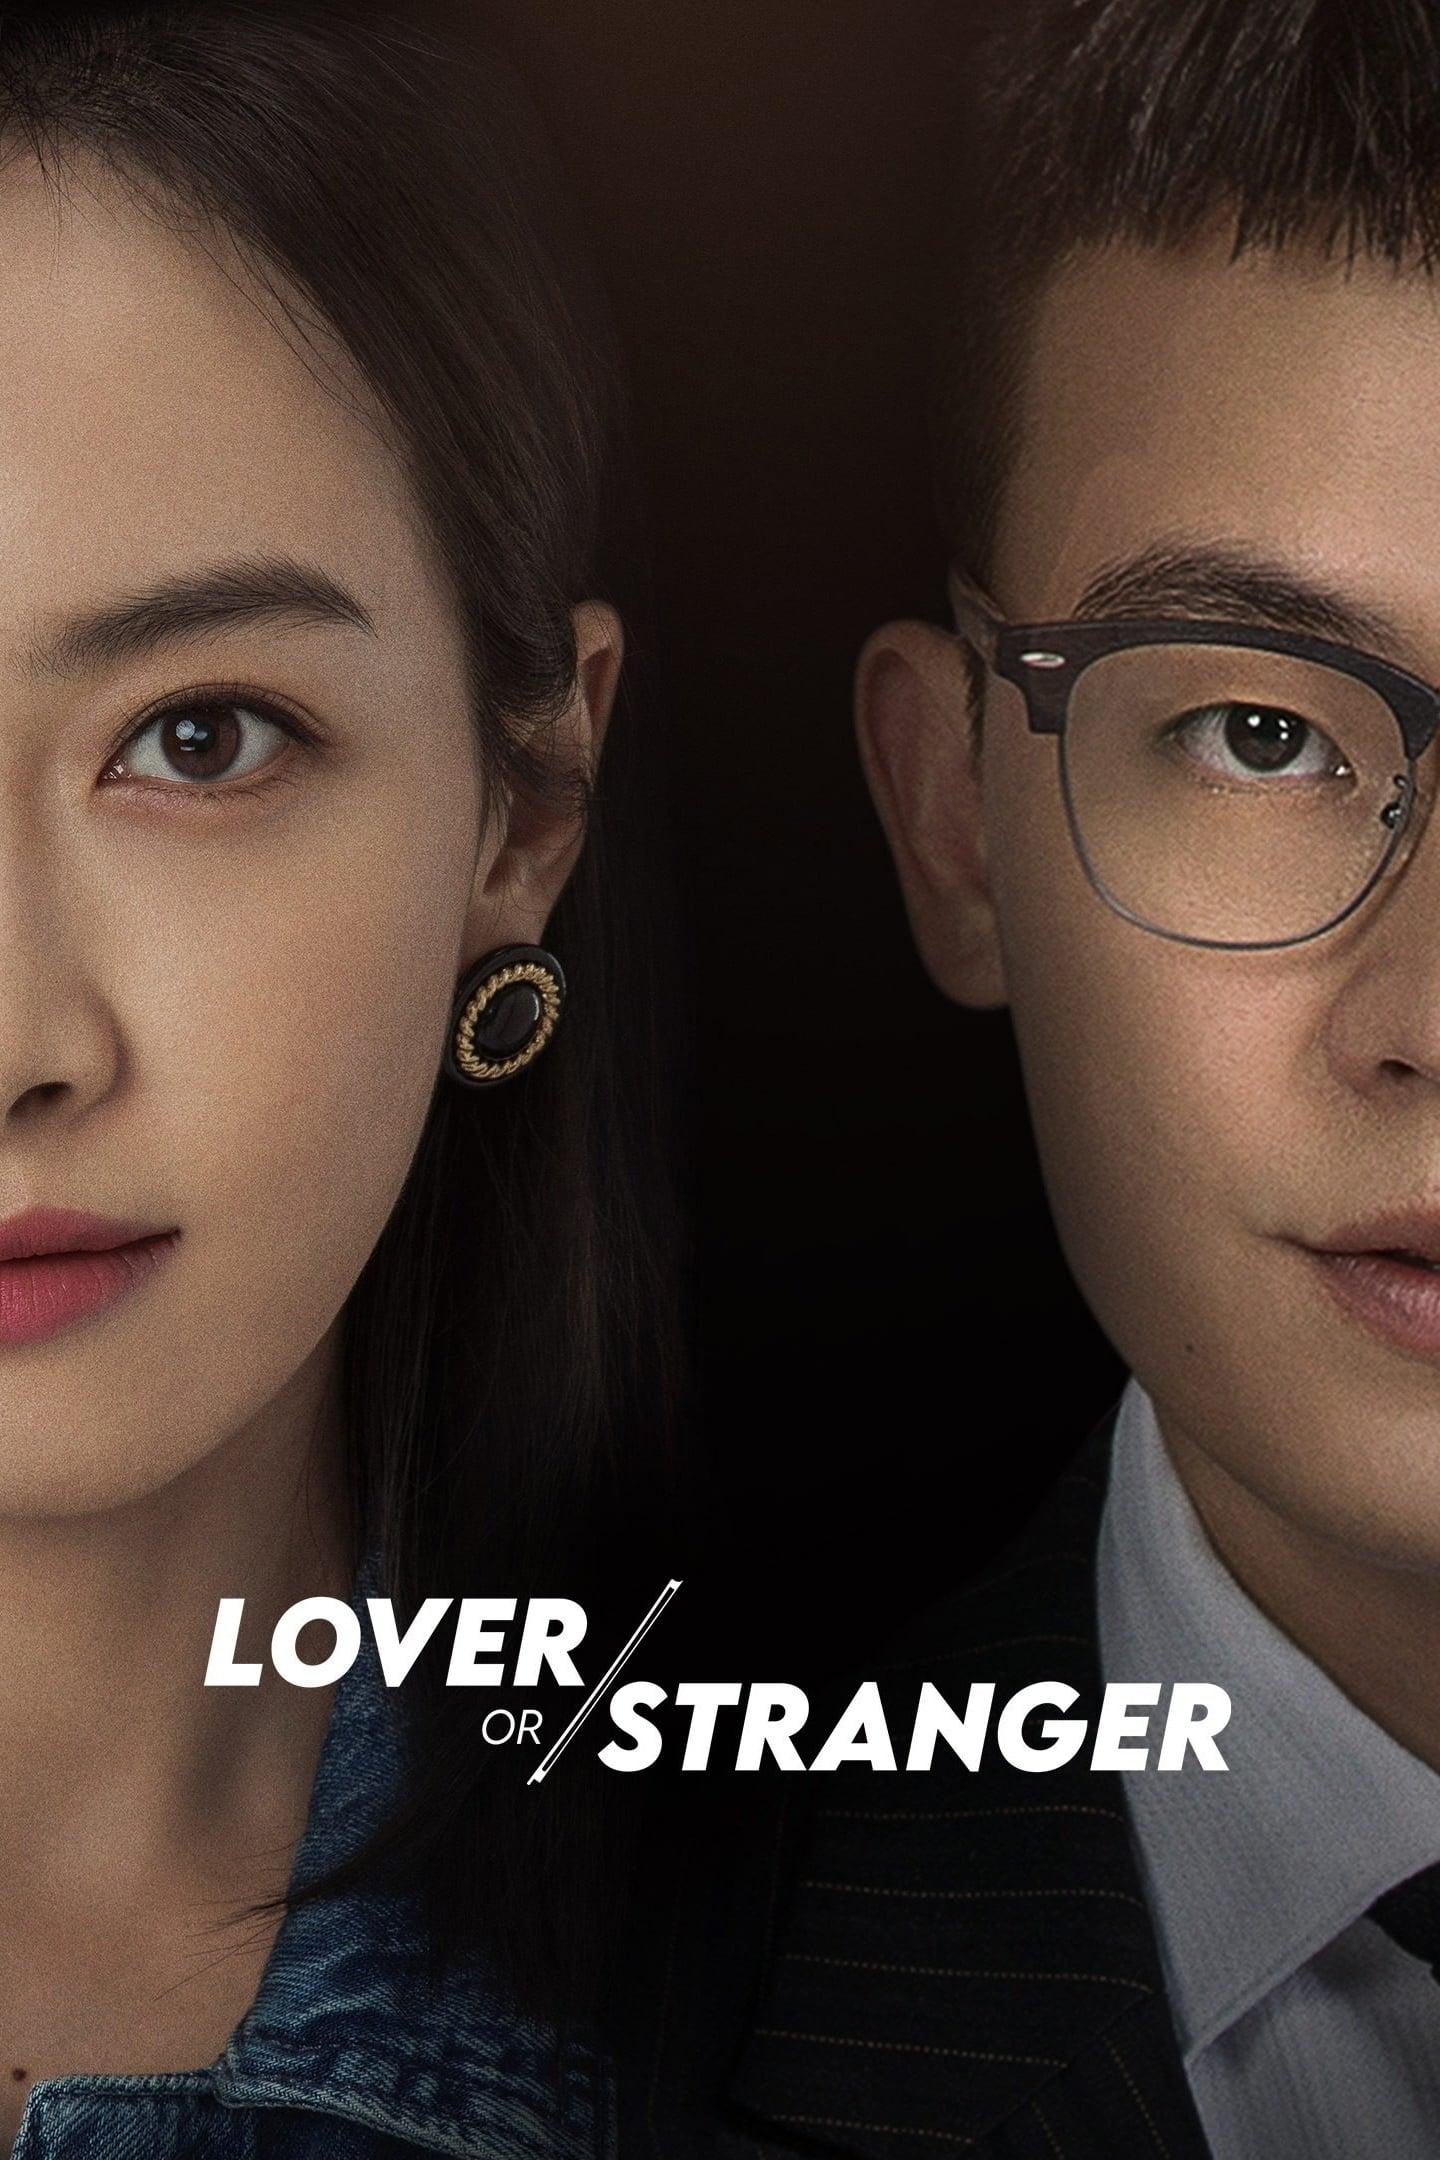 Lover or Stranger